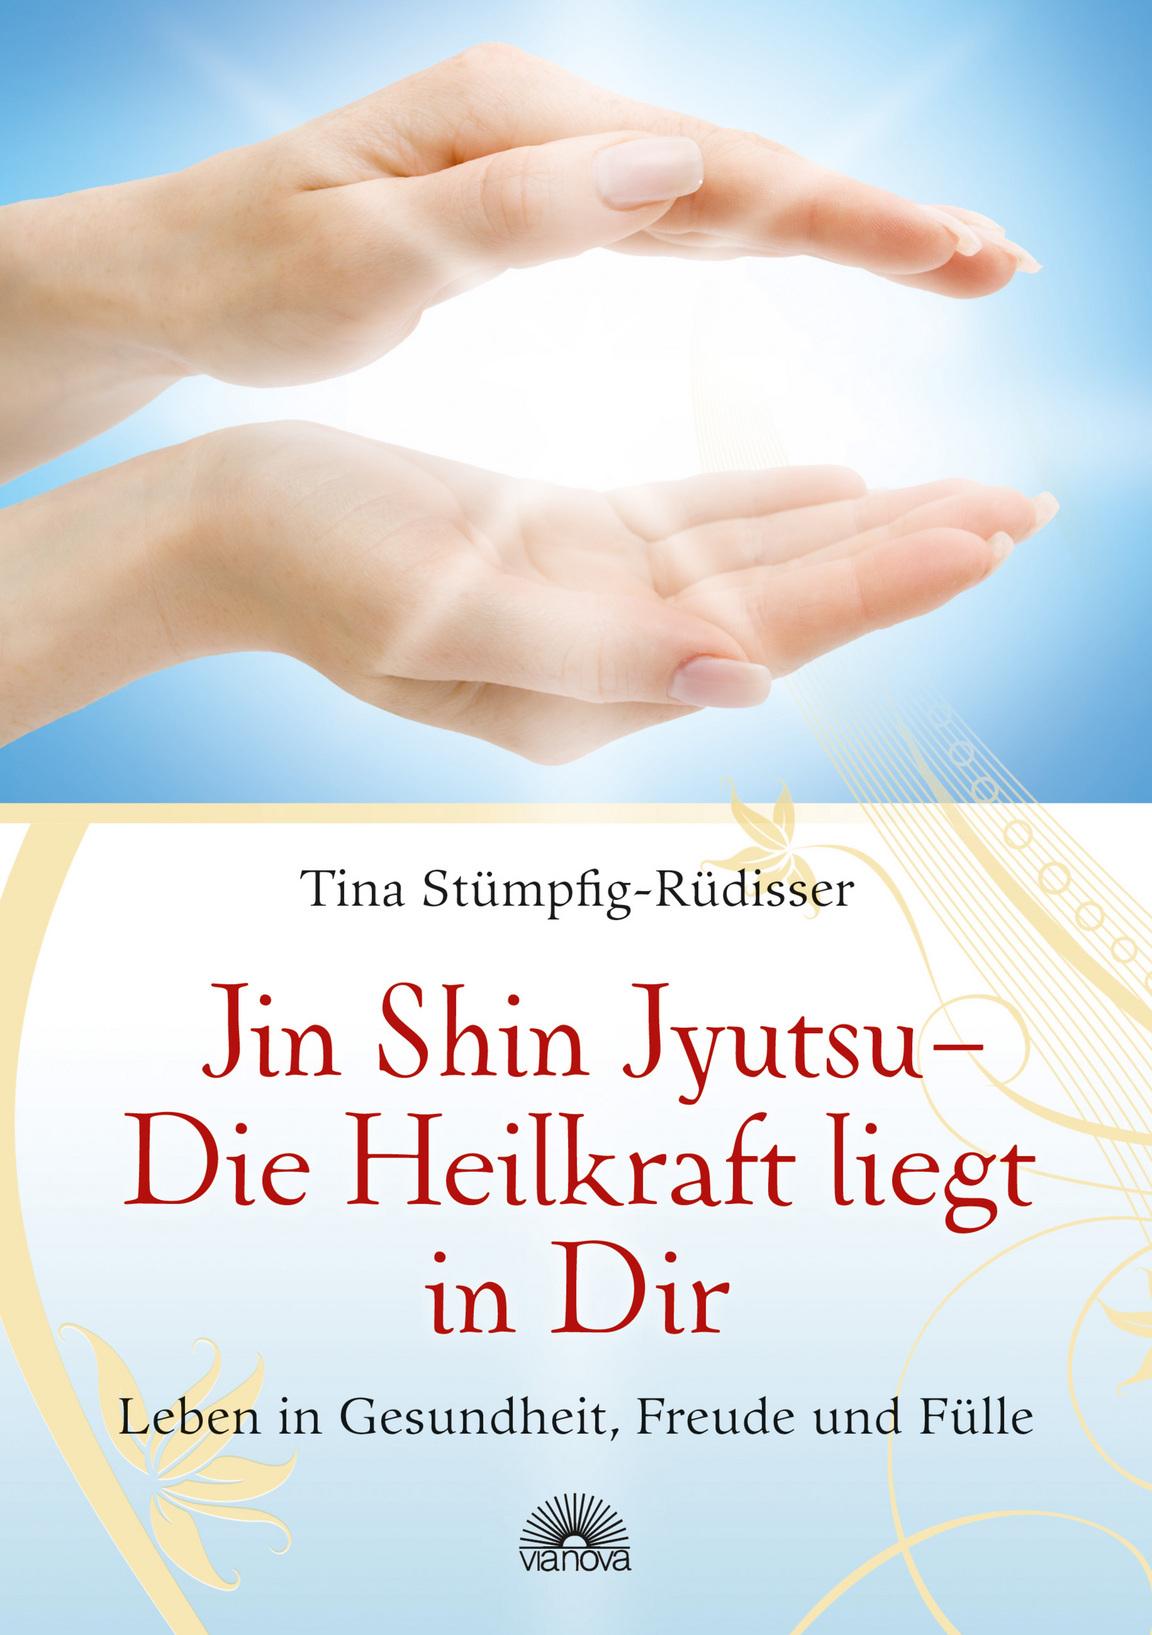 Jin Shin Jyutsu - Die Heilkraft liegt in Dir Tina Stümpfig-Rüdisser